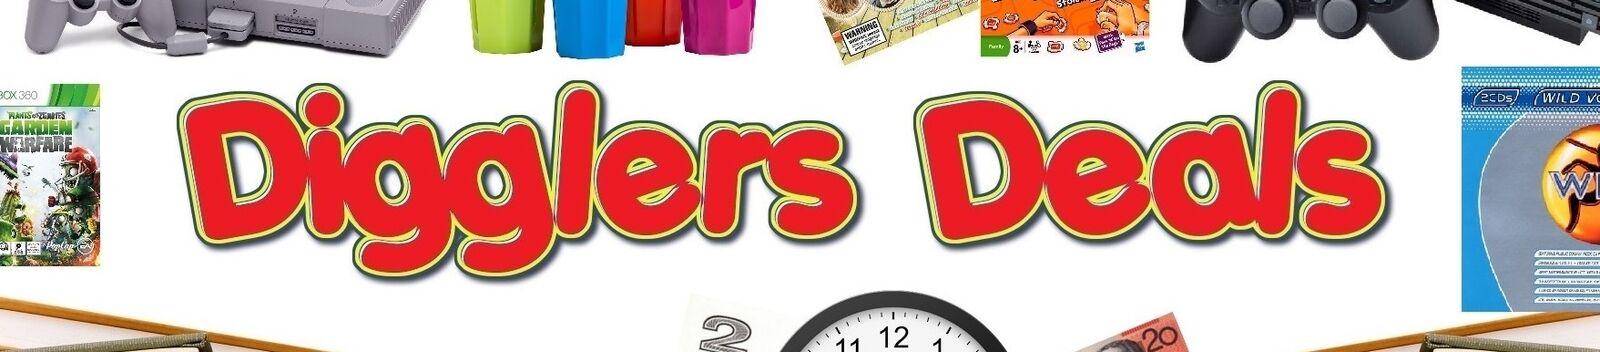 Digglers Deals